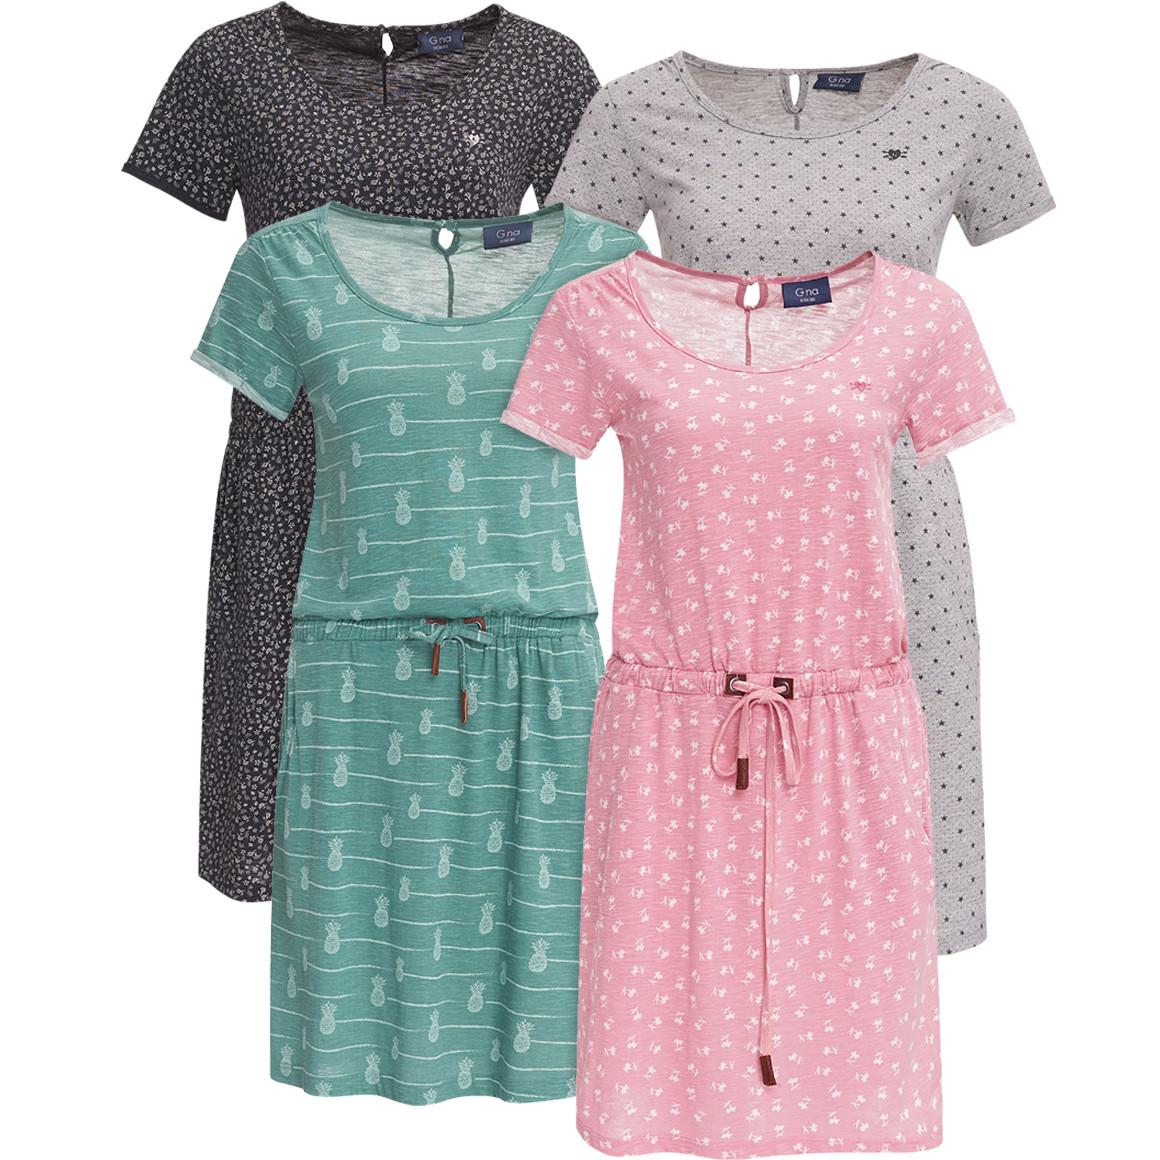 Damen Kleid mit Tunnelzug   Ernsting's family